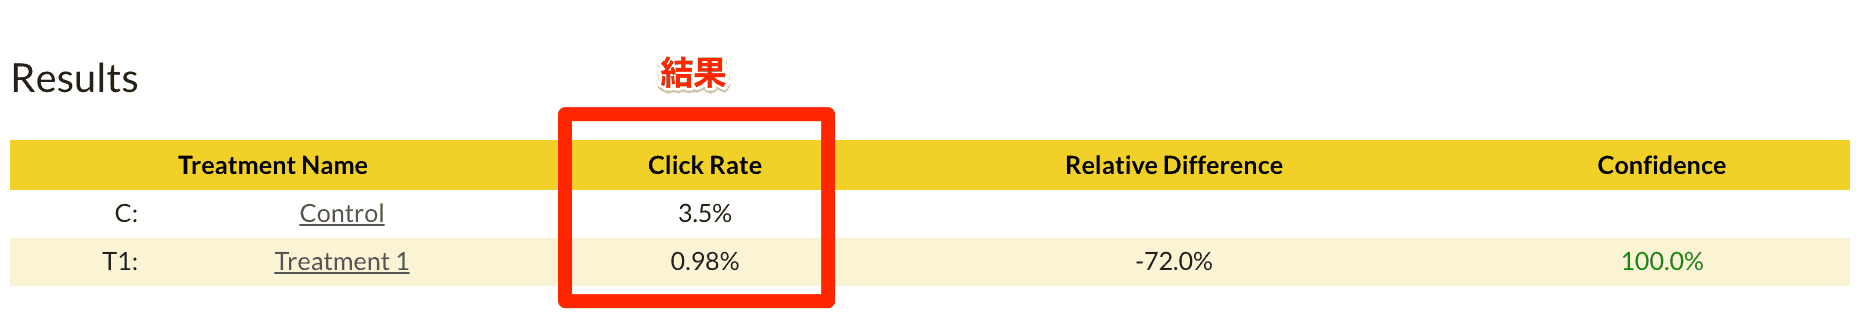 リードマグネットの効果はタイトルで決まる。証明テスト結果